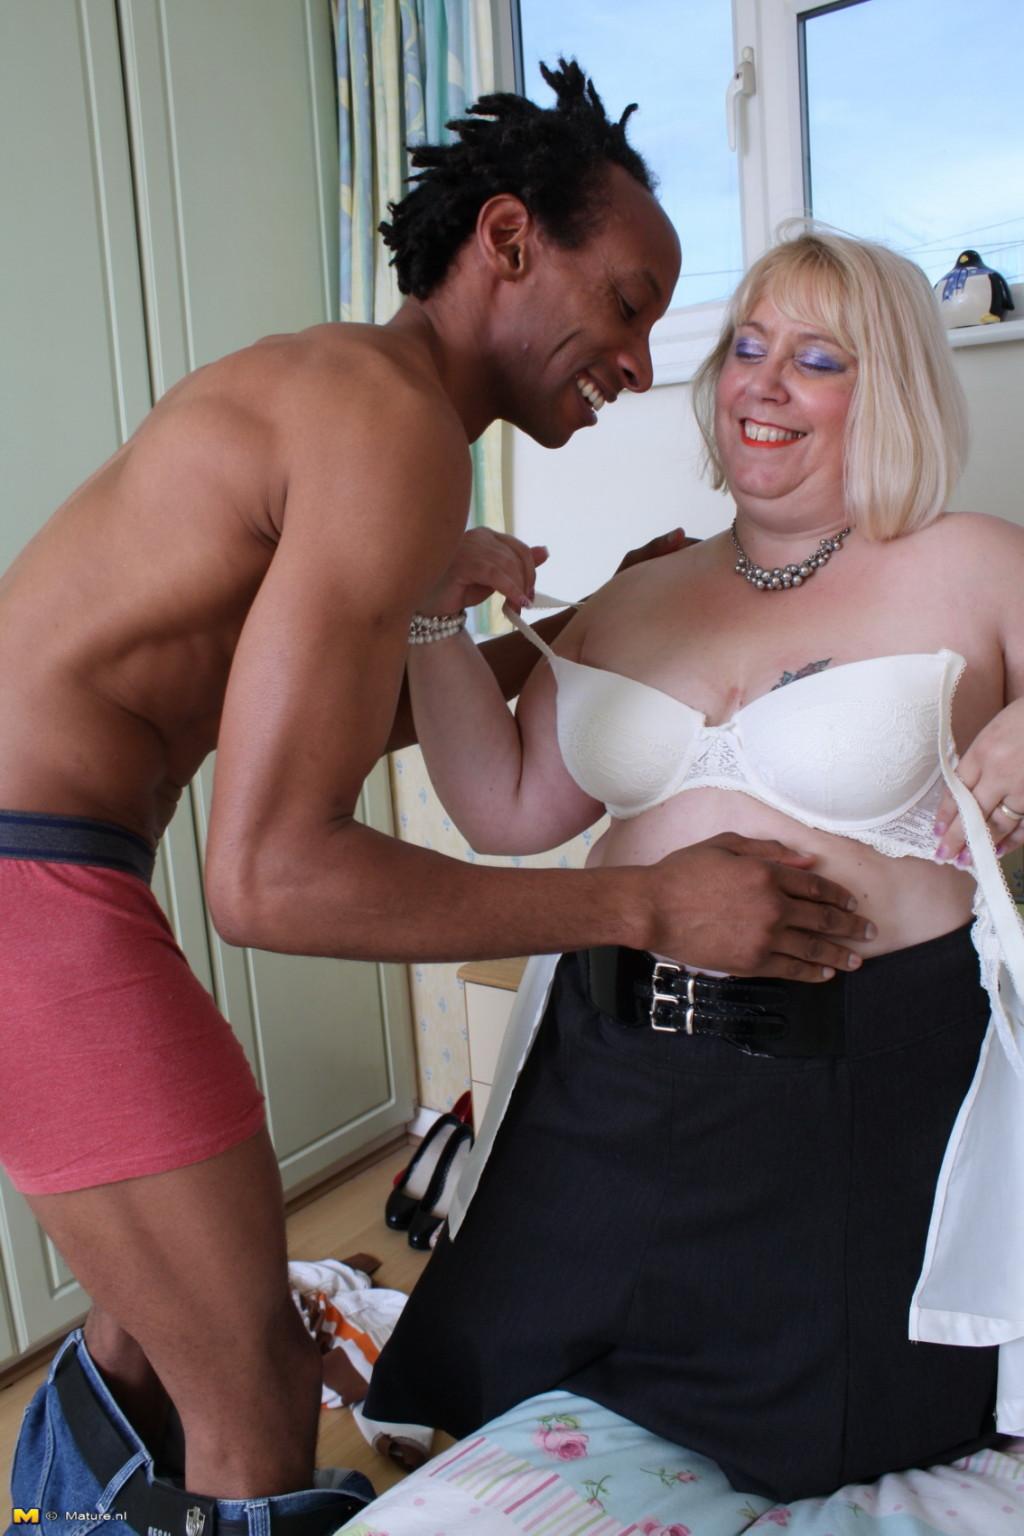 Горячая британская толстушка разрешает лапать себя молодому темнокожему мужчине и делать куни